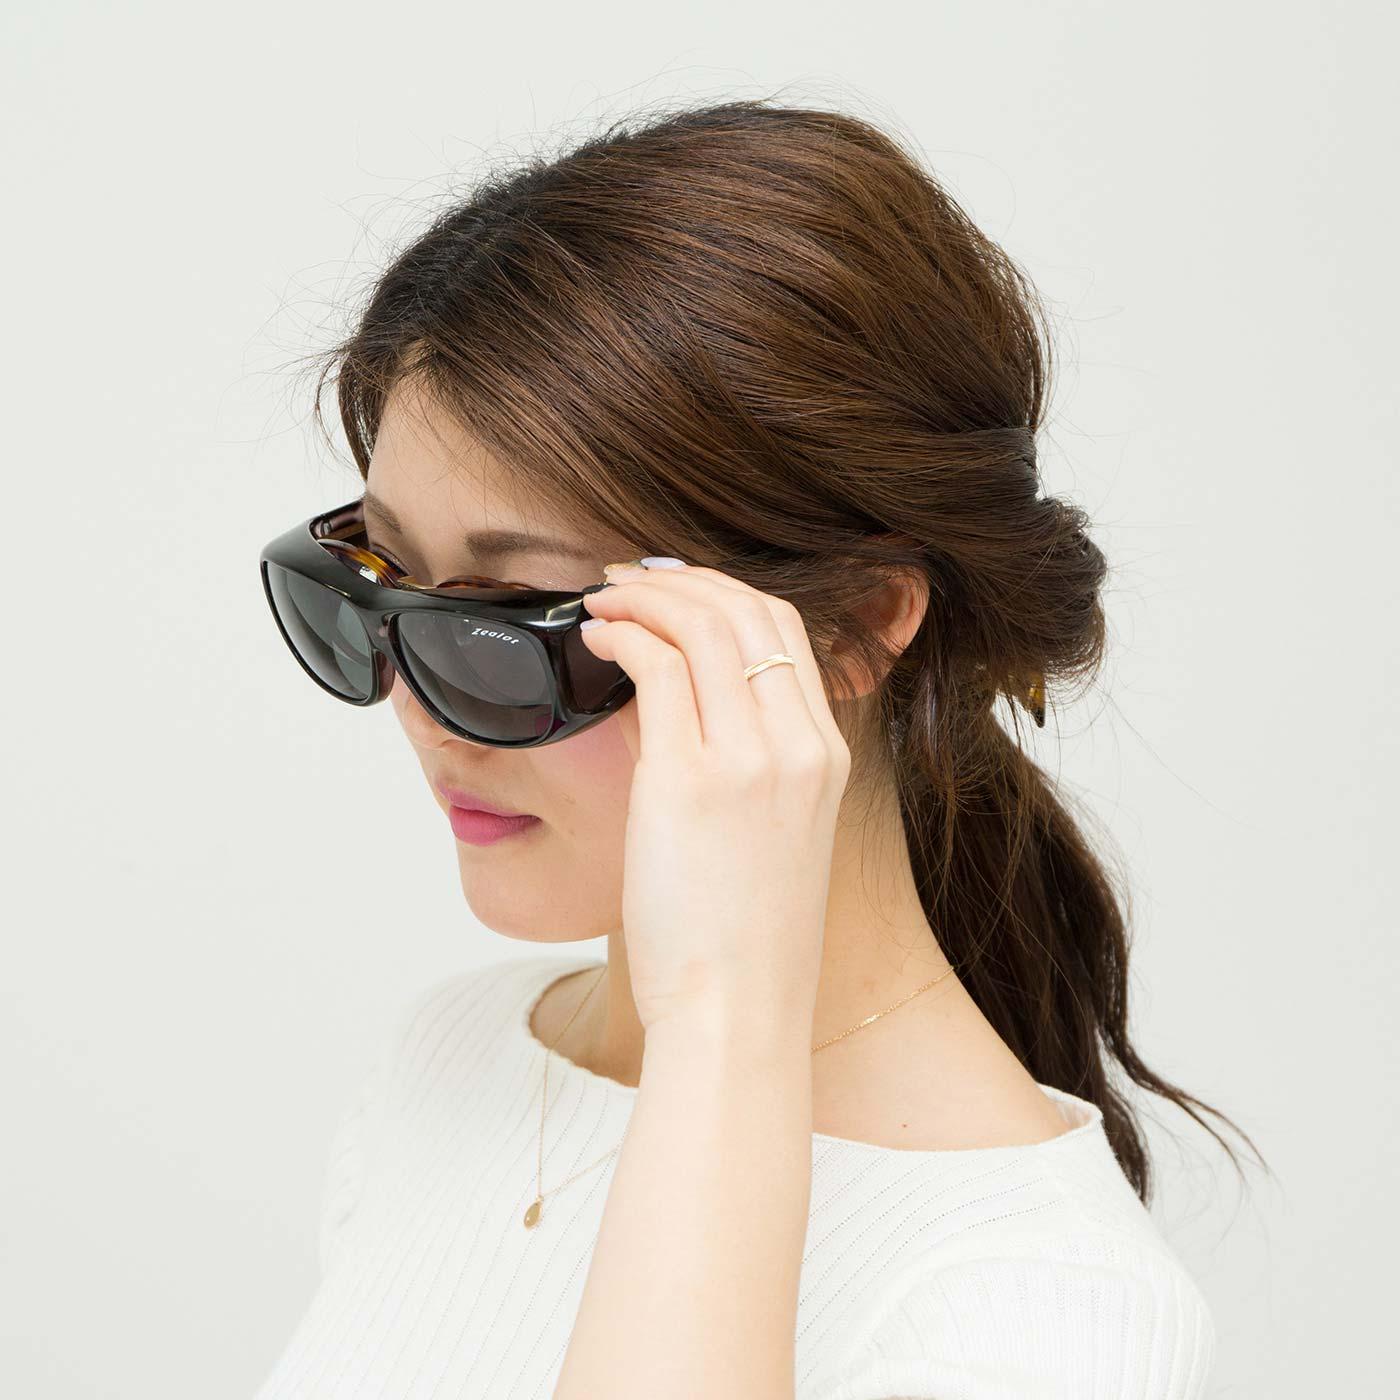 眼鏡の上からそのままサッと! 眼鏡なしでもそのまま着けられます。